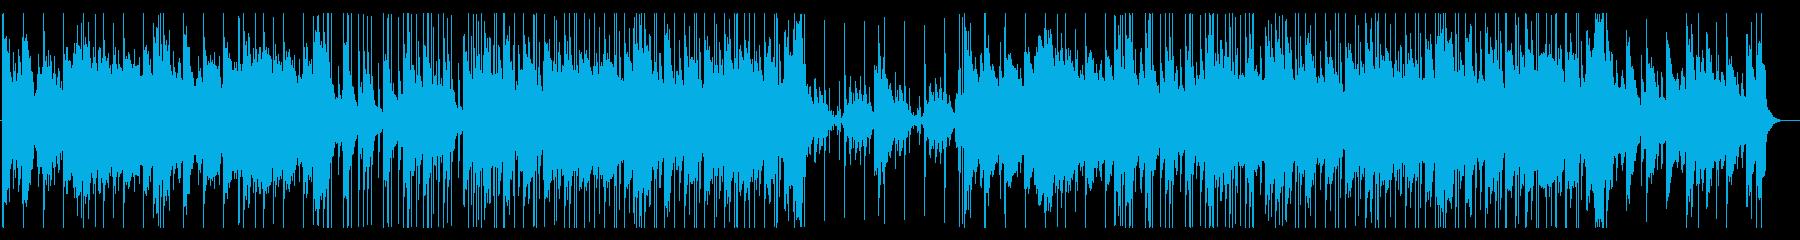 切ない幻想的なピアノとストリングスの曲の再生済みの波形